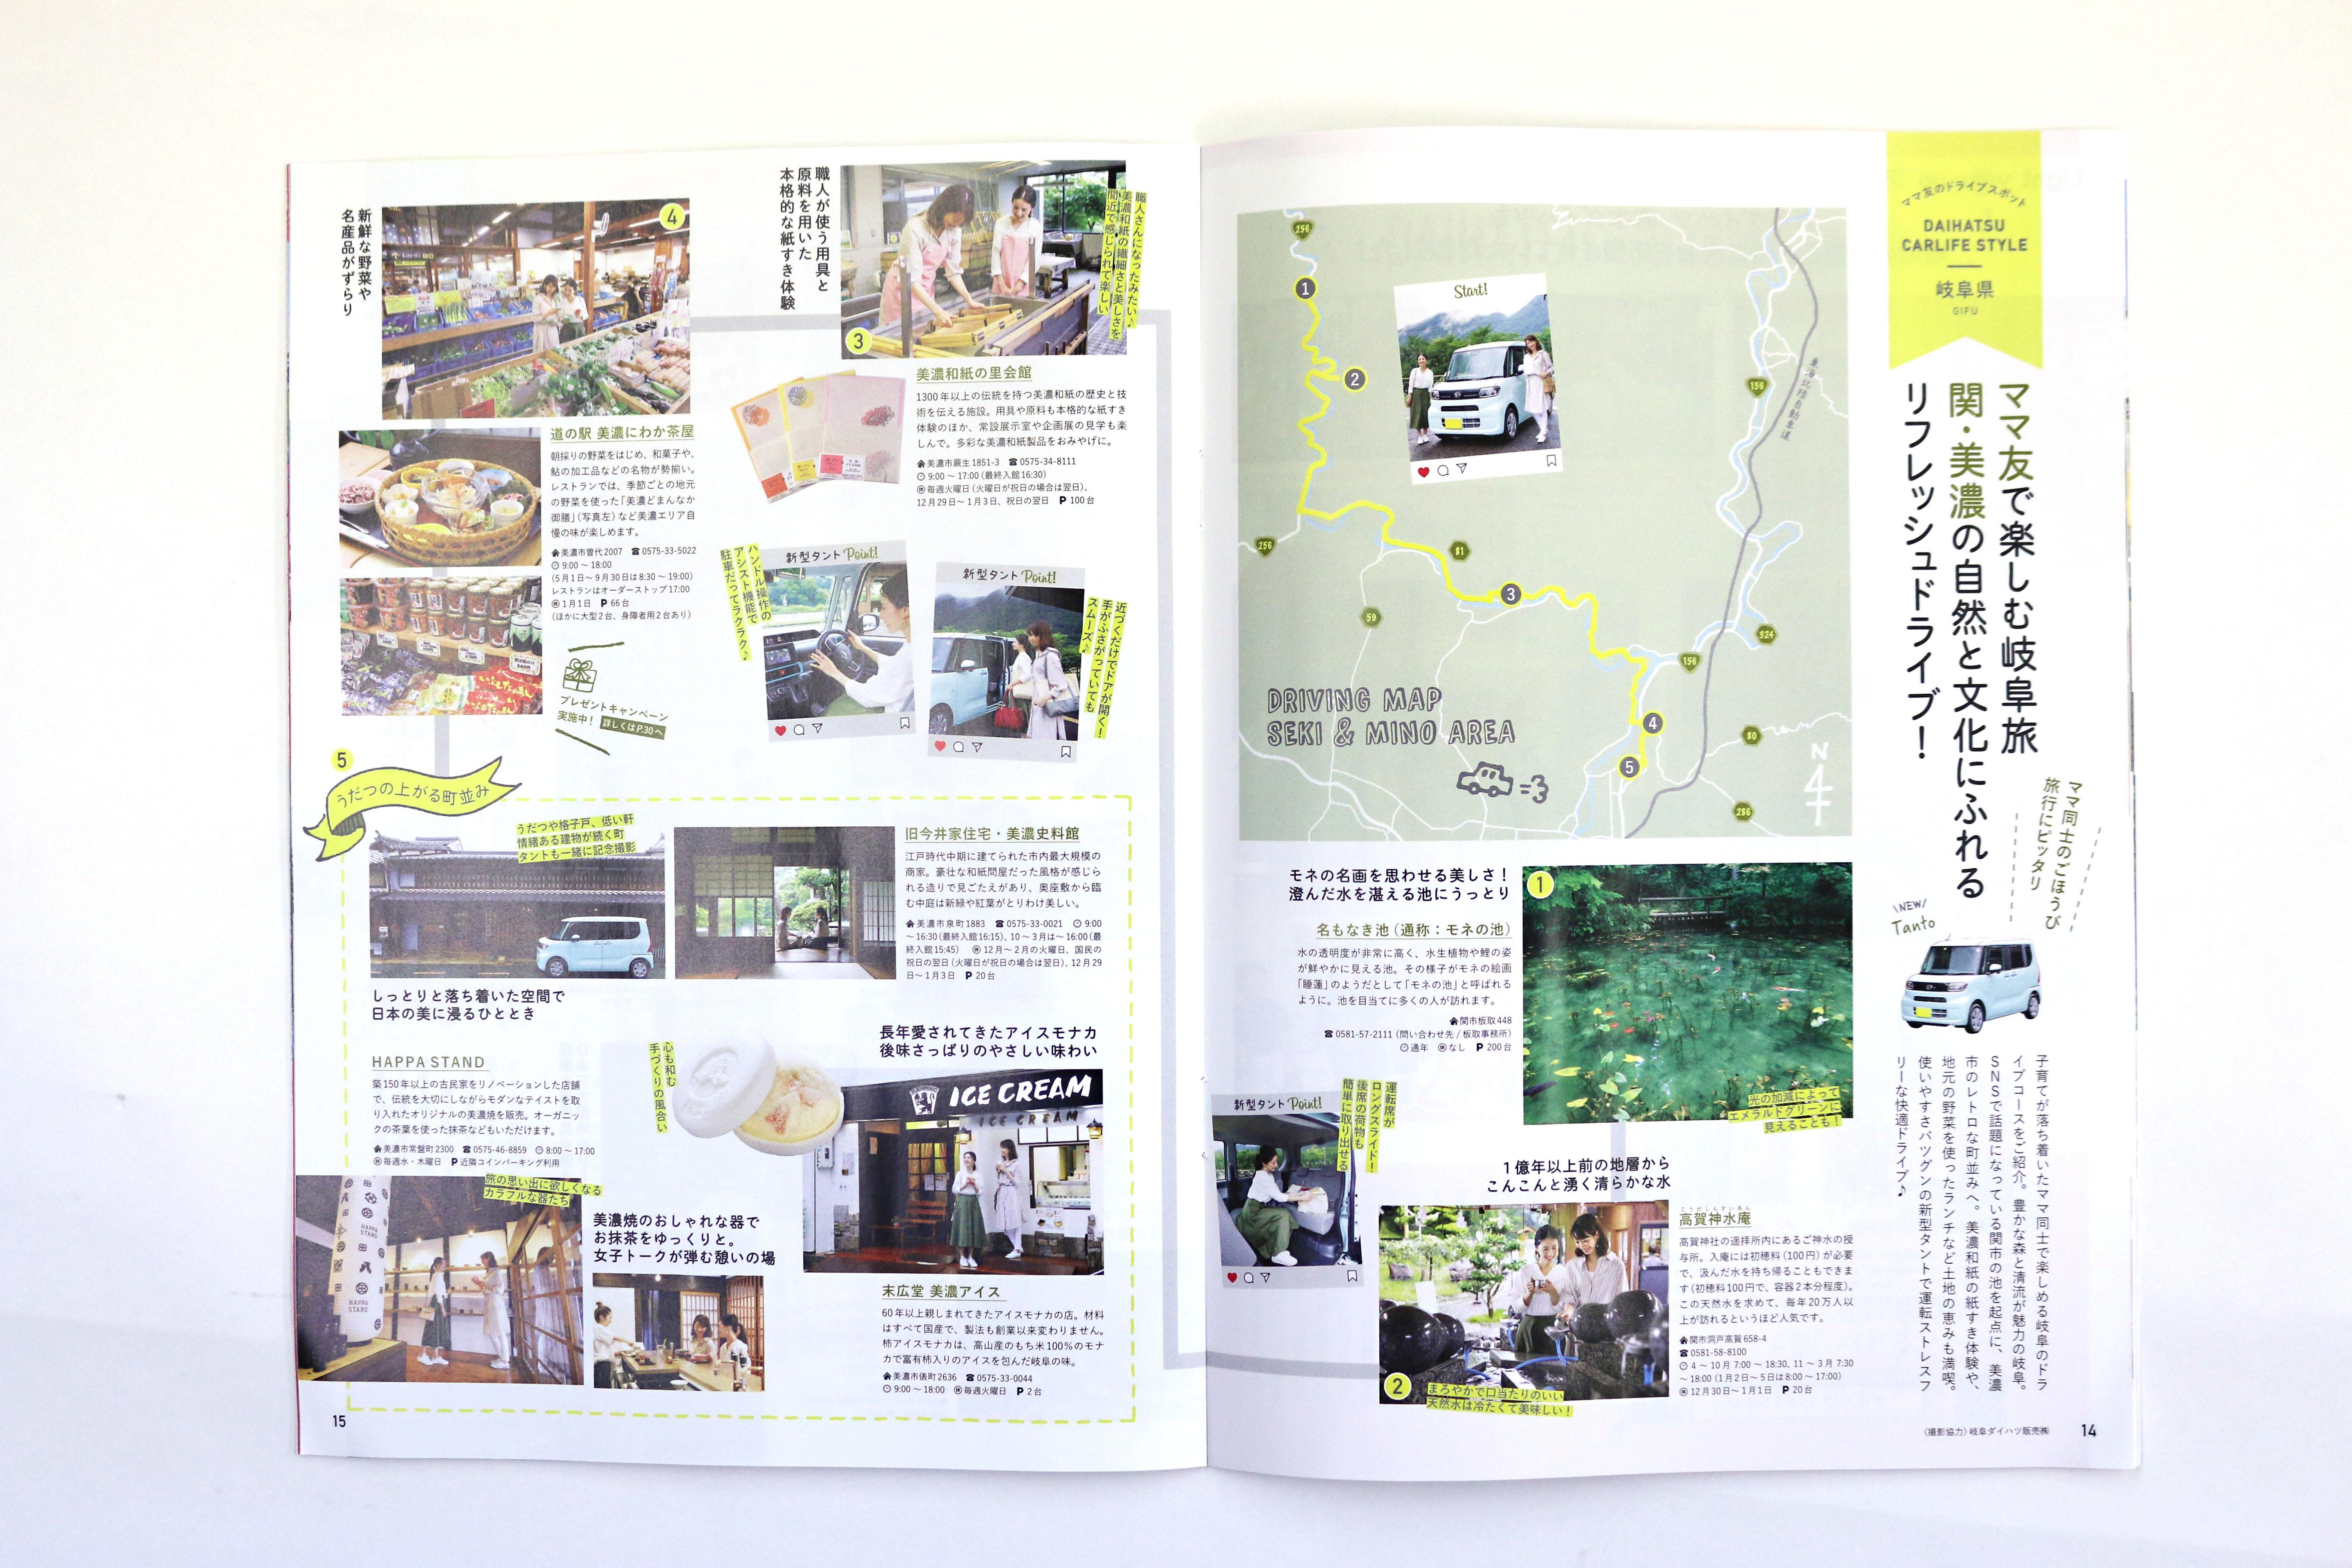 ママ友で楽しむ岐阜県 関・美濃の自然と文化にふれるリフレッシュドライブ!